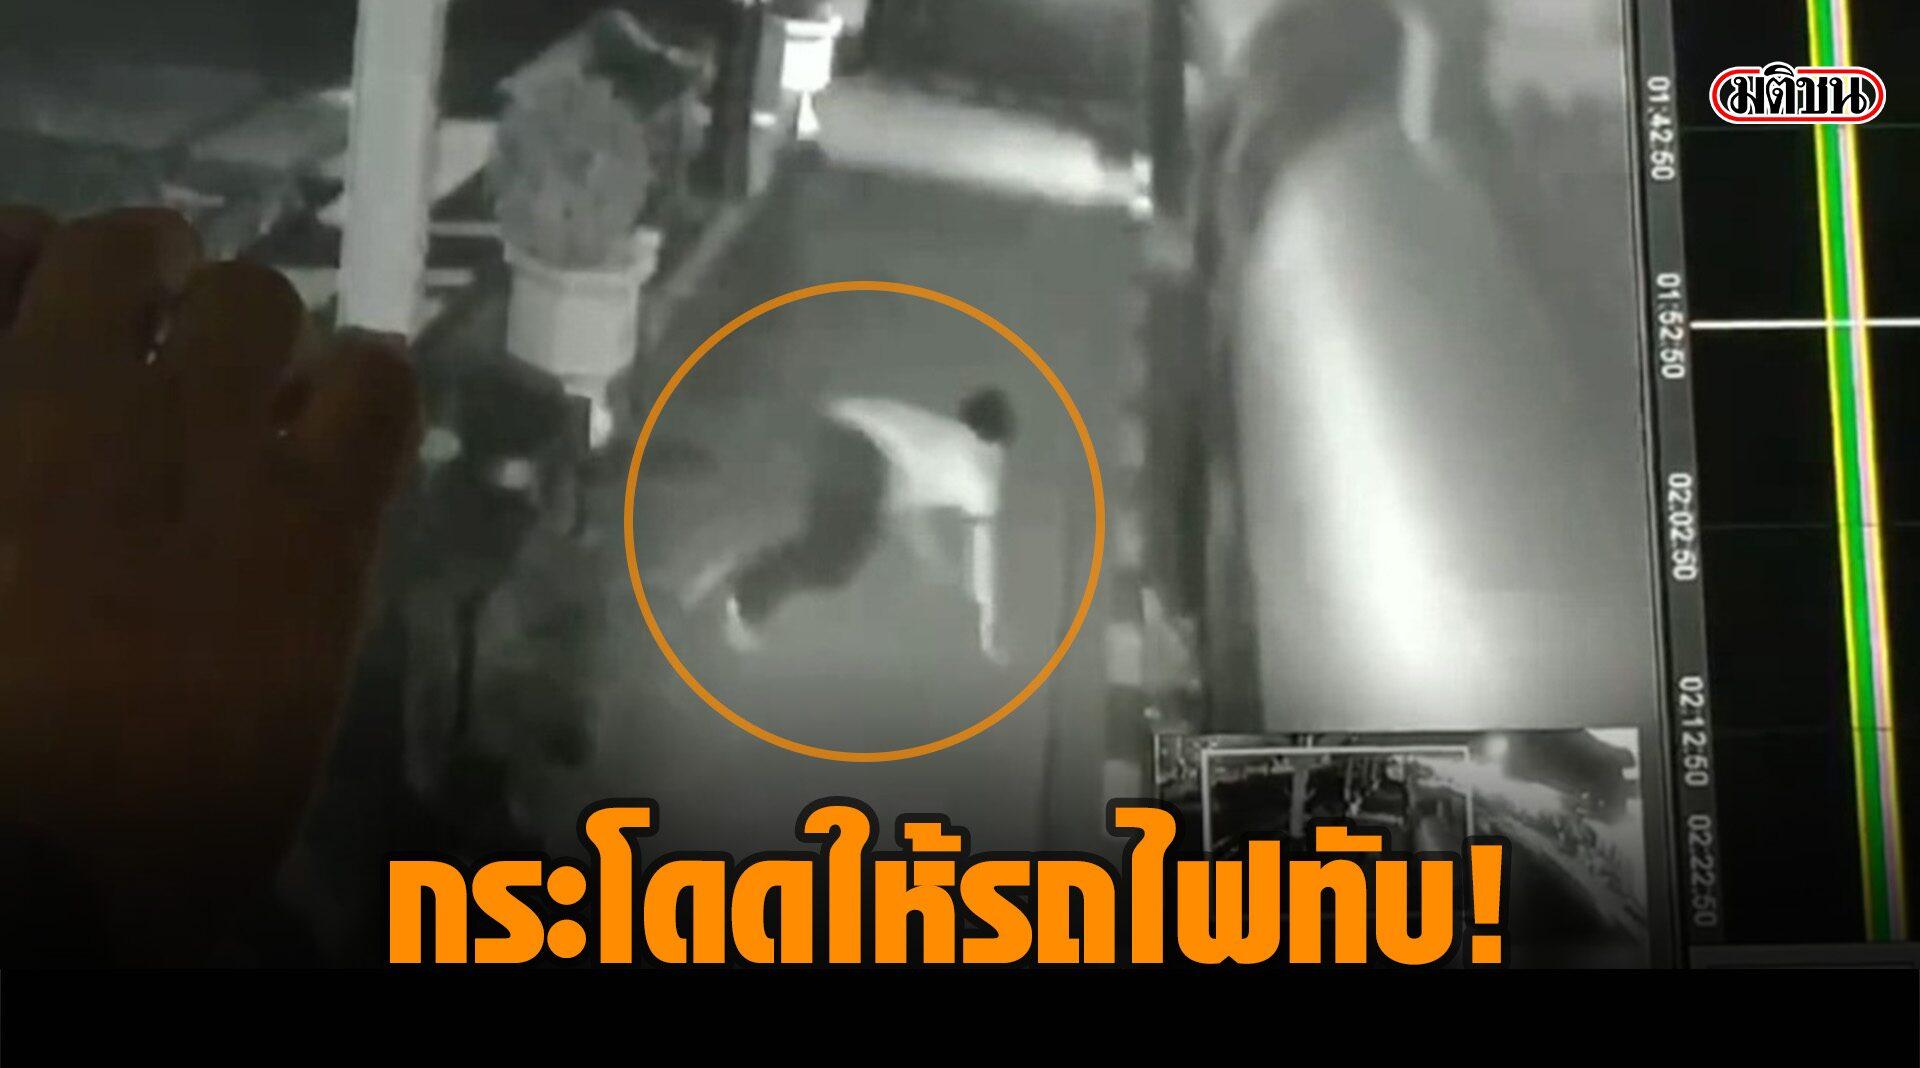 กล้องวงจรปิดจับภาพชายเมียนมาร์ กระโดดพุ่งใส่รถไฟทับร่างแหลก